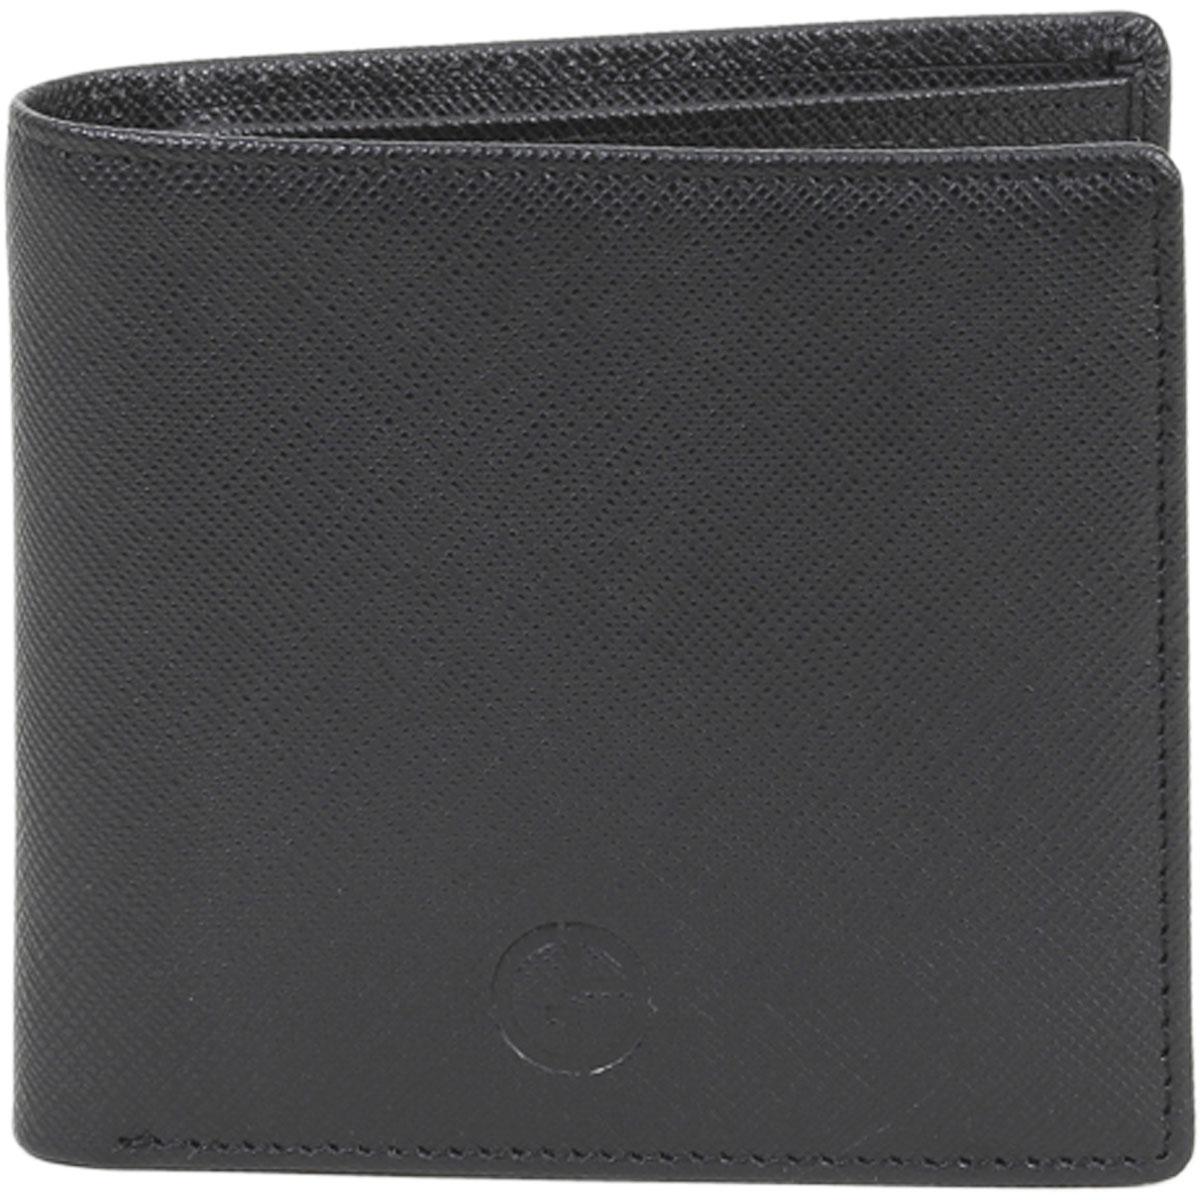 super popolare 233b9 903b1 Details about Giorgio Armani Portafoglio Classico Black Genuine Leather  Bi-Fold Wallet